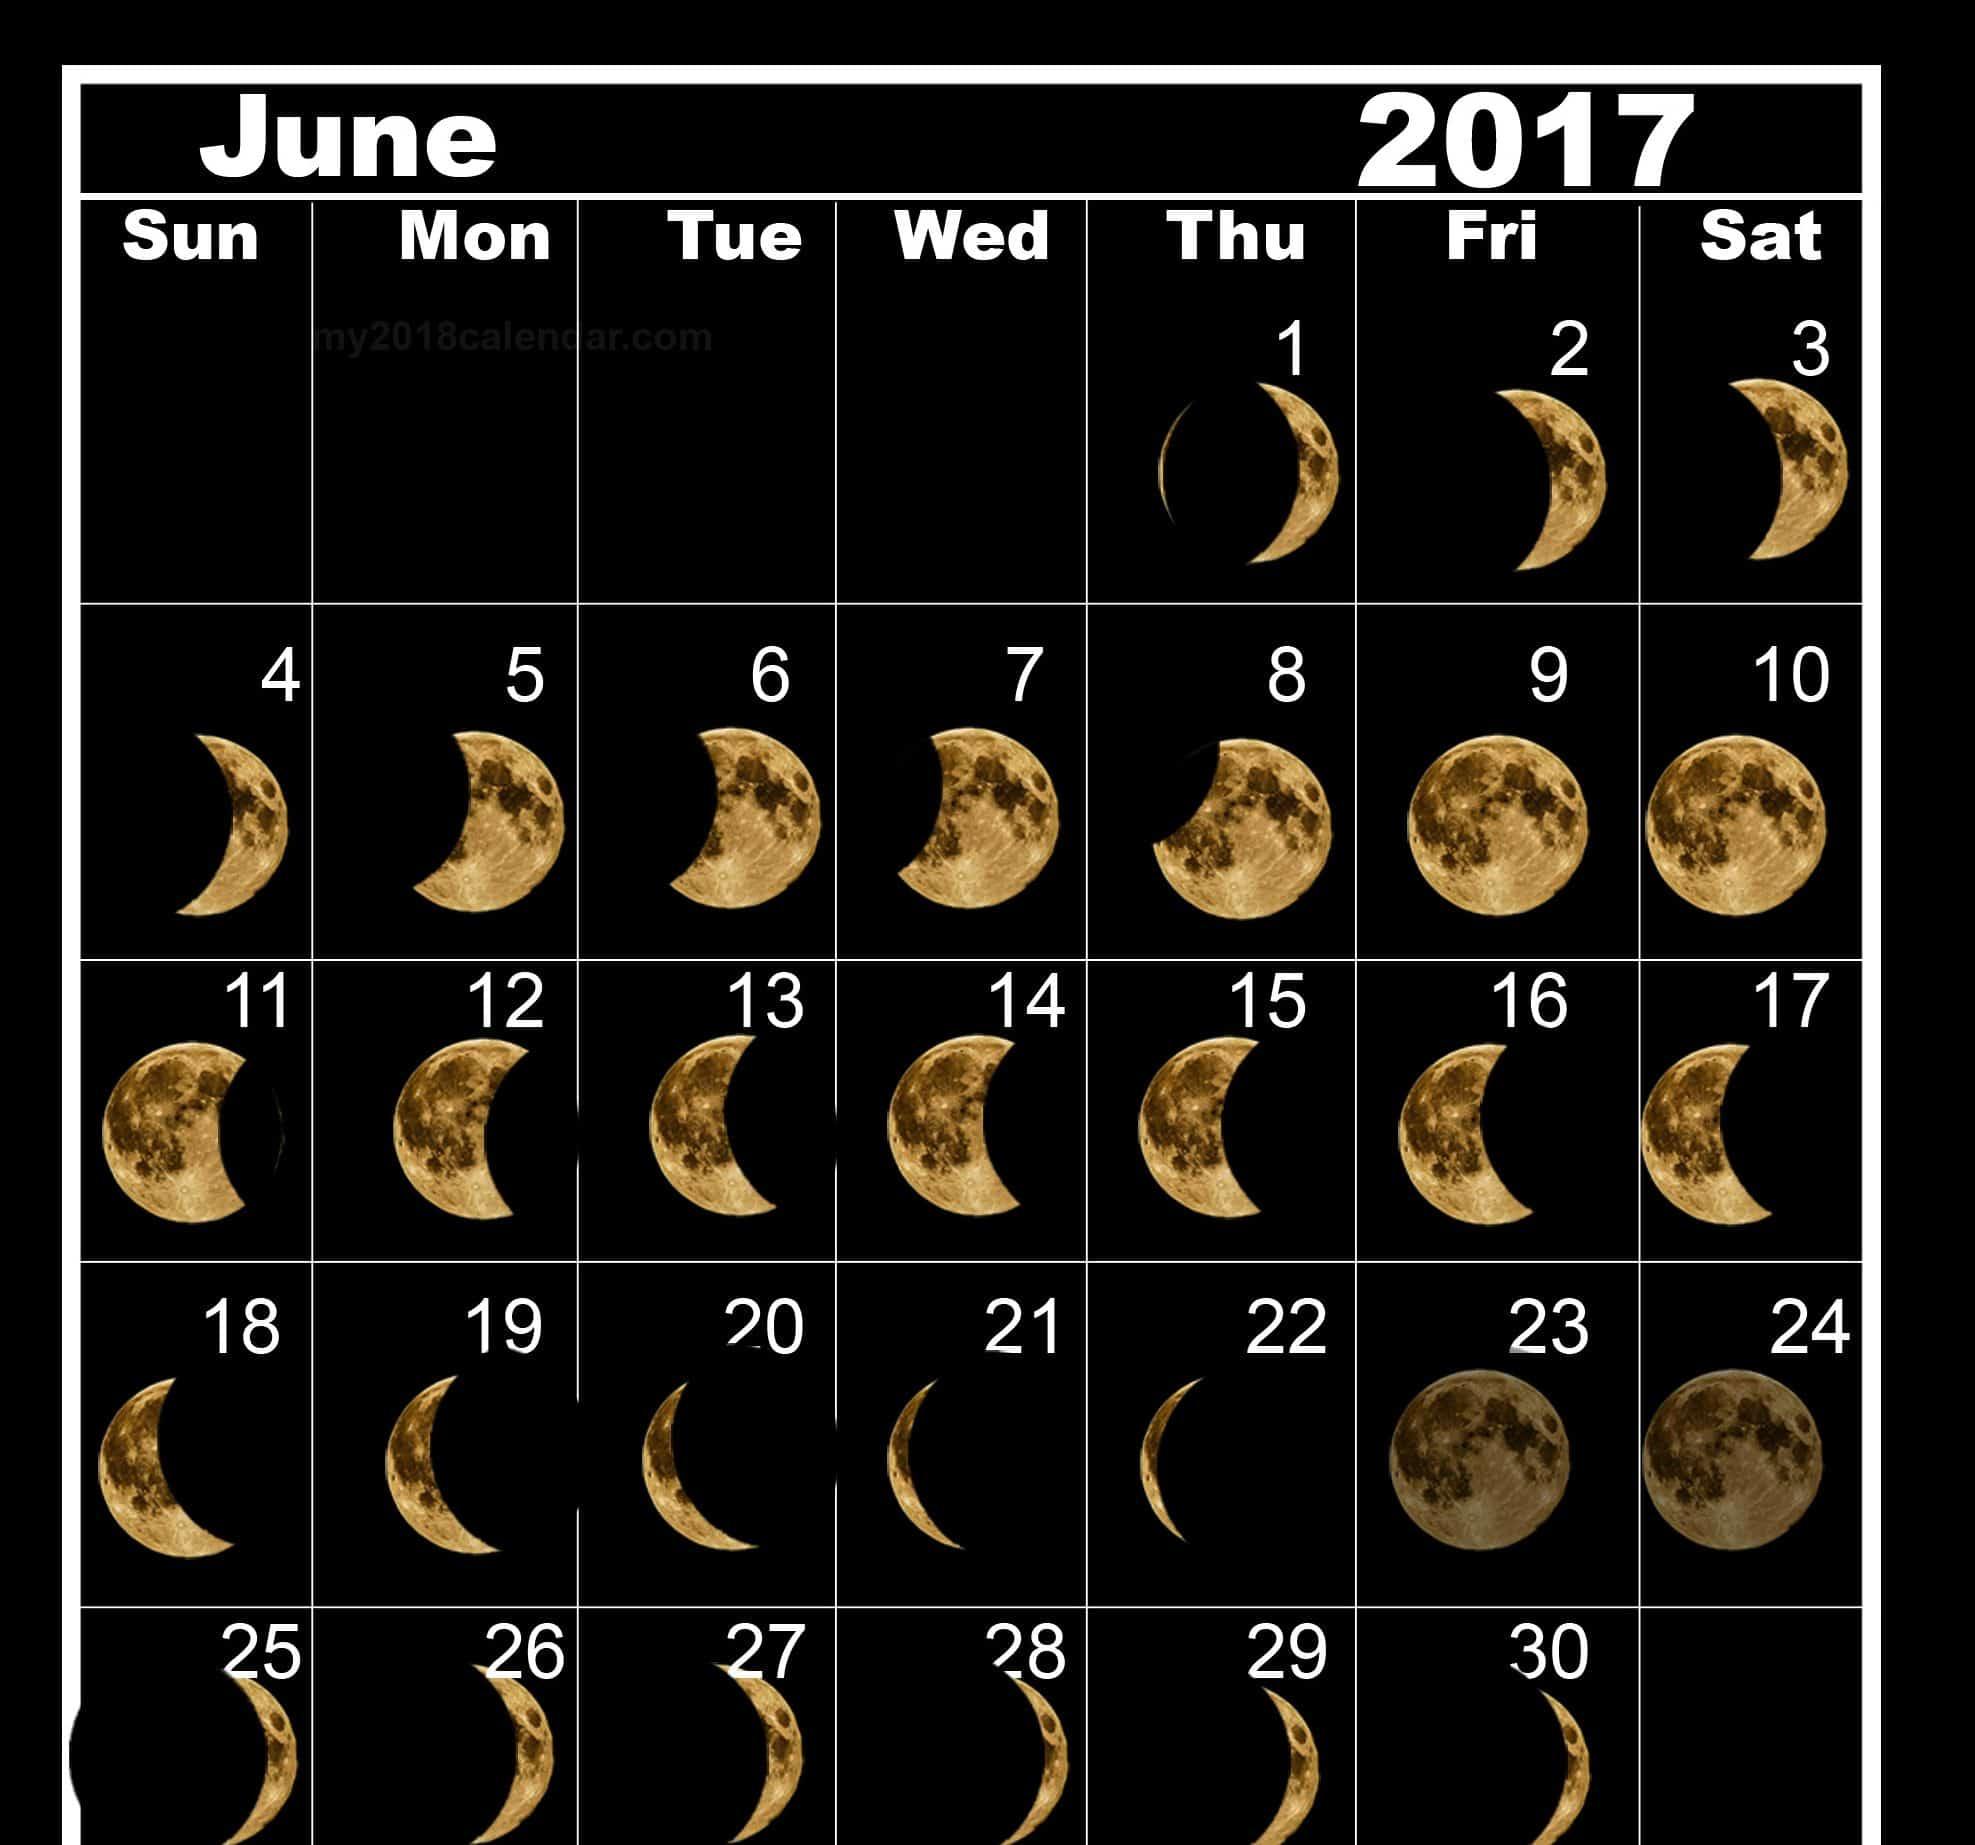 Monthly June 2017 Lunar Calendar